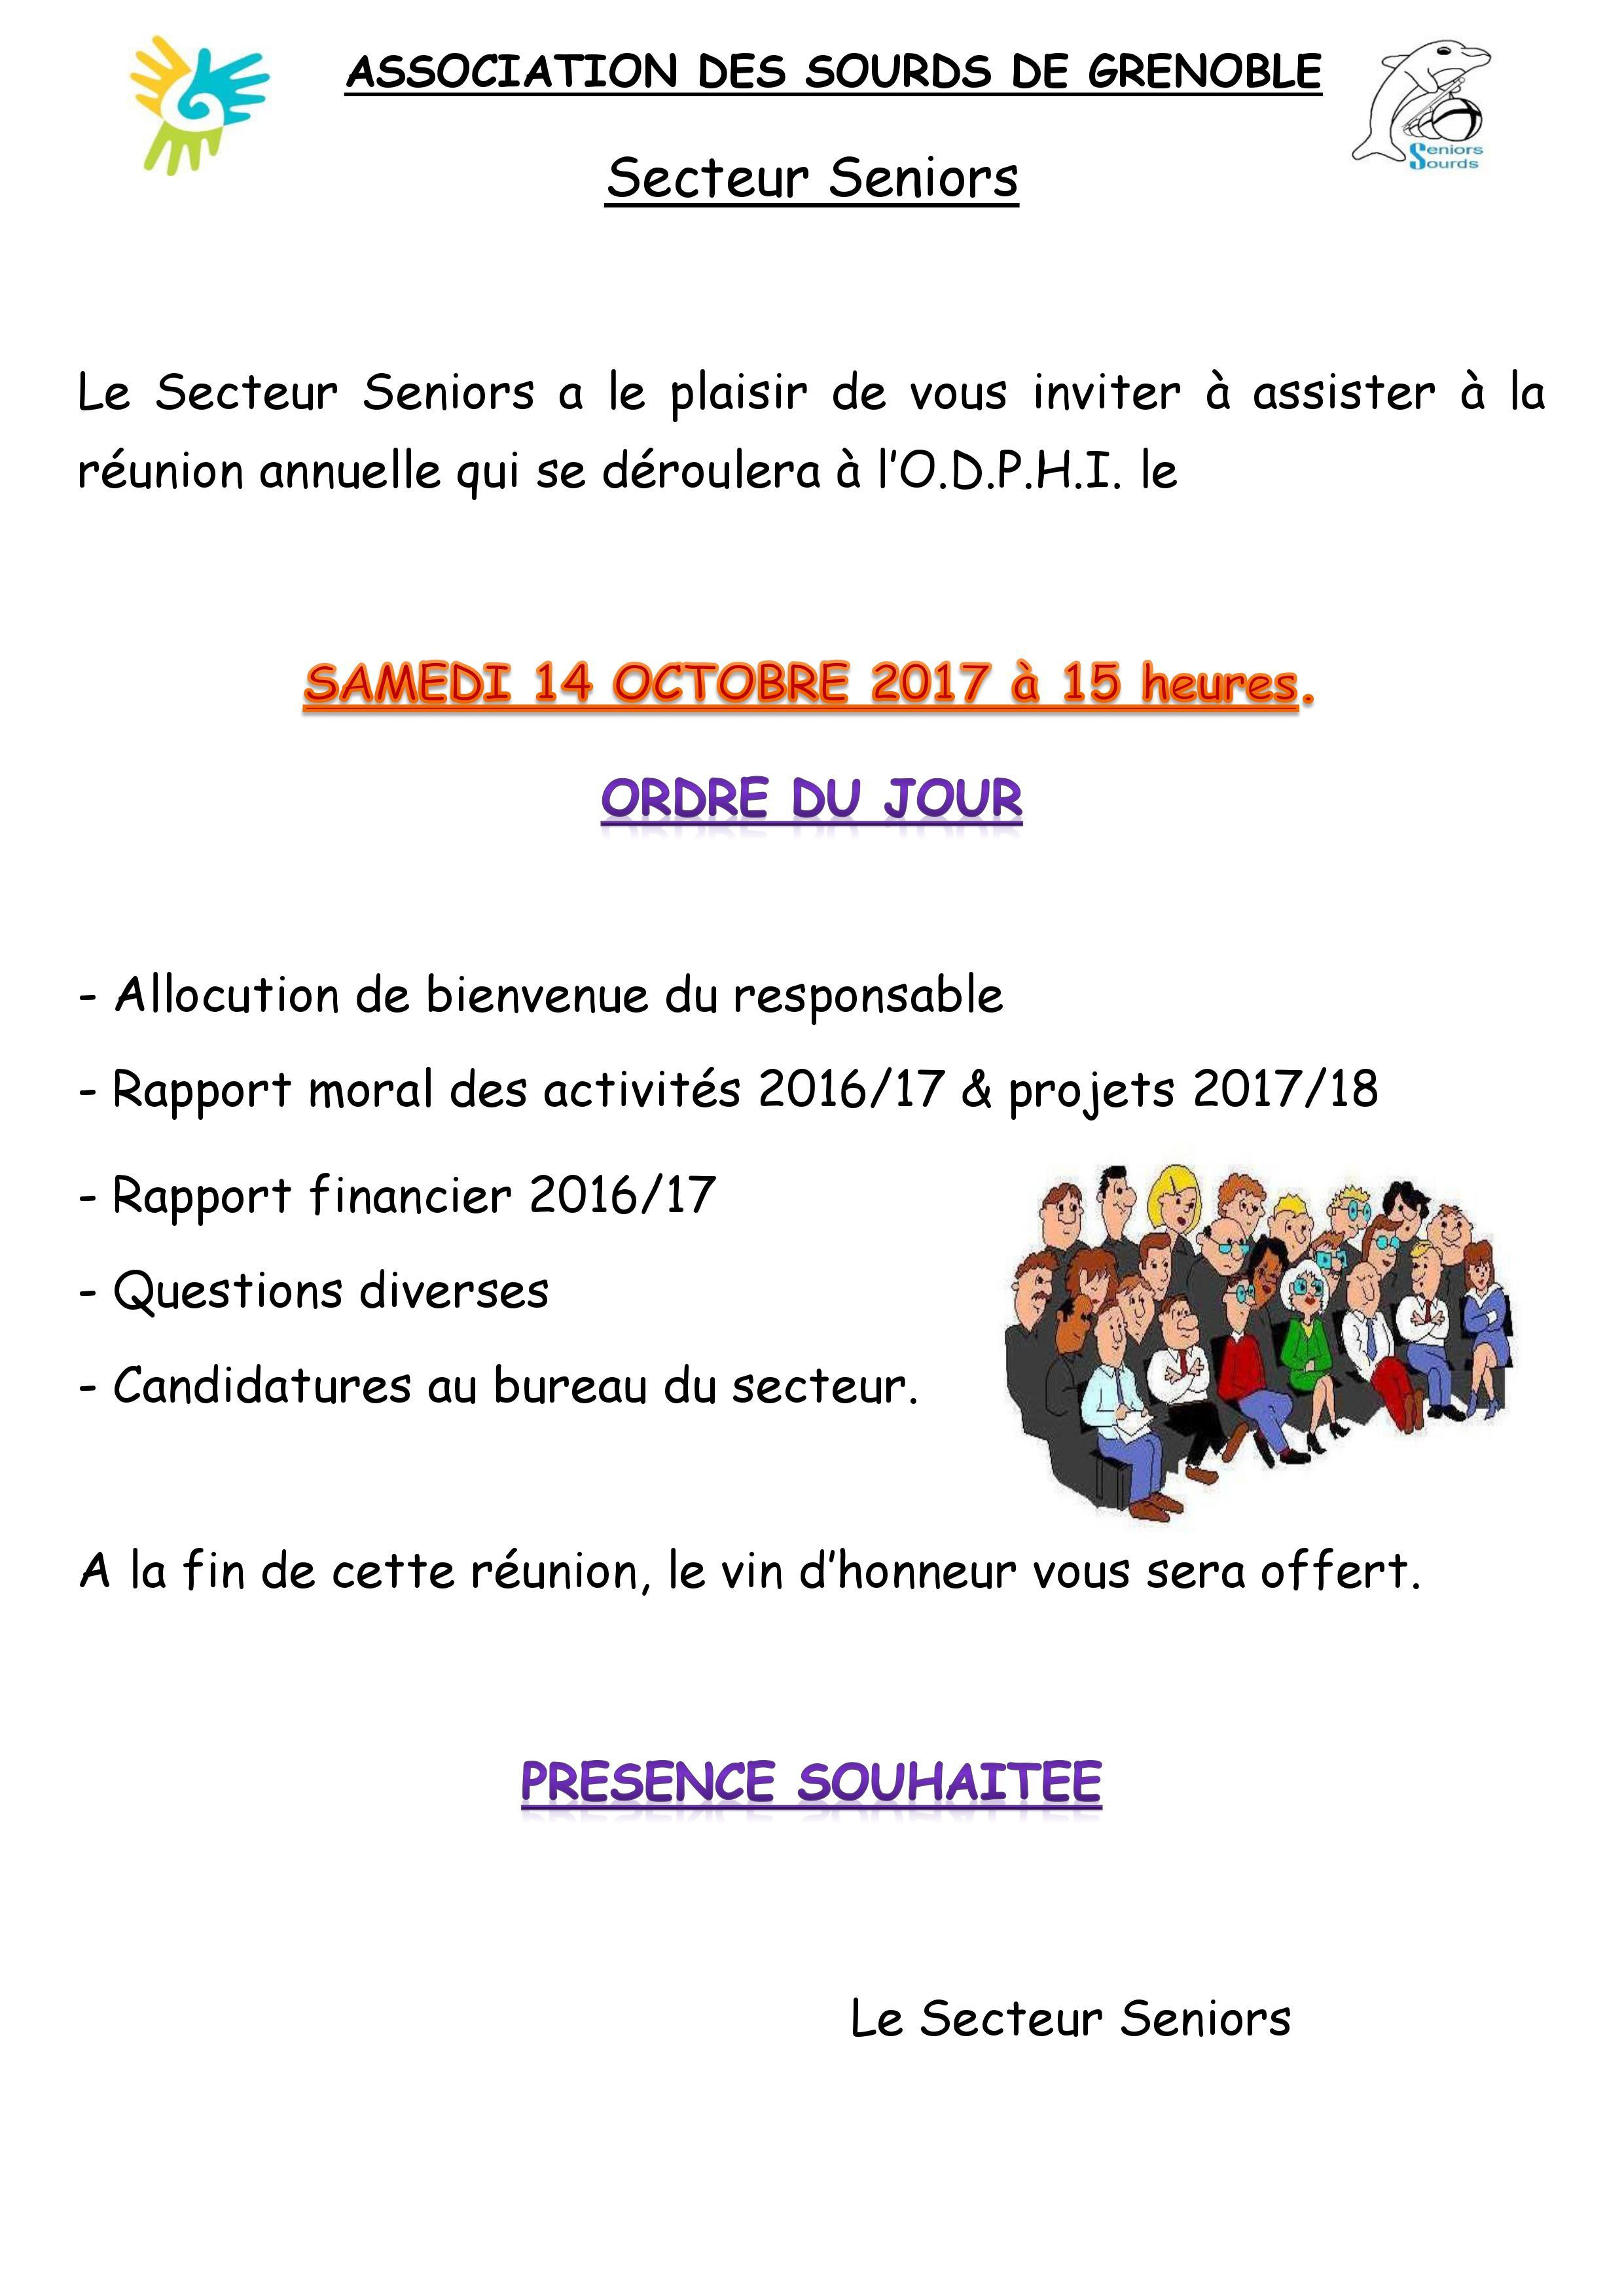 Programme du 14 Octobre 2017